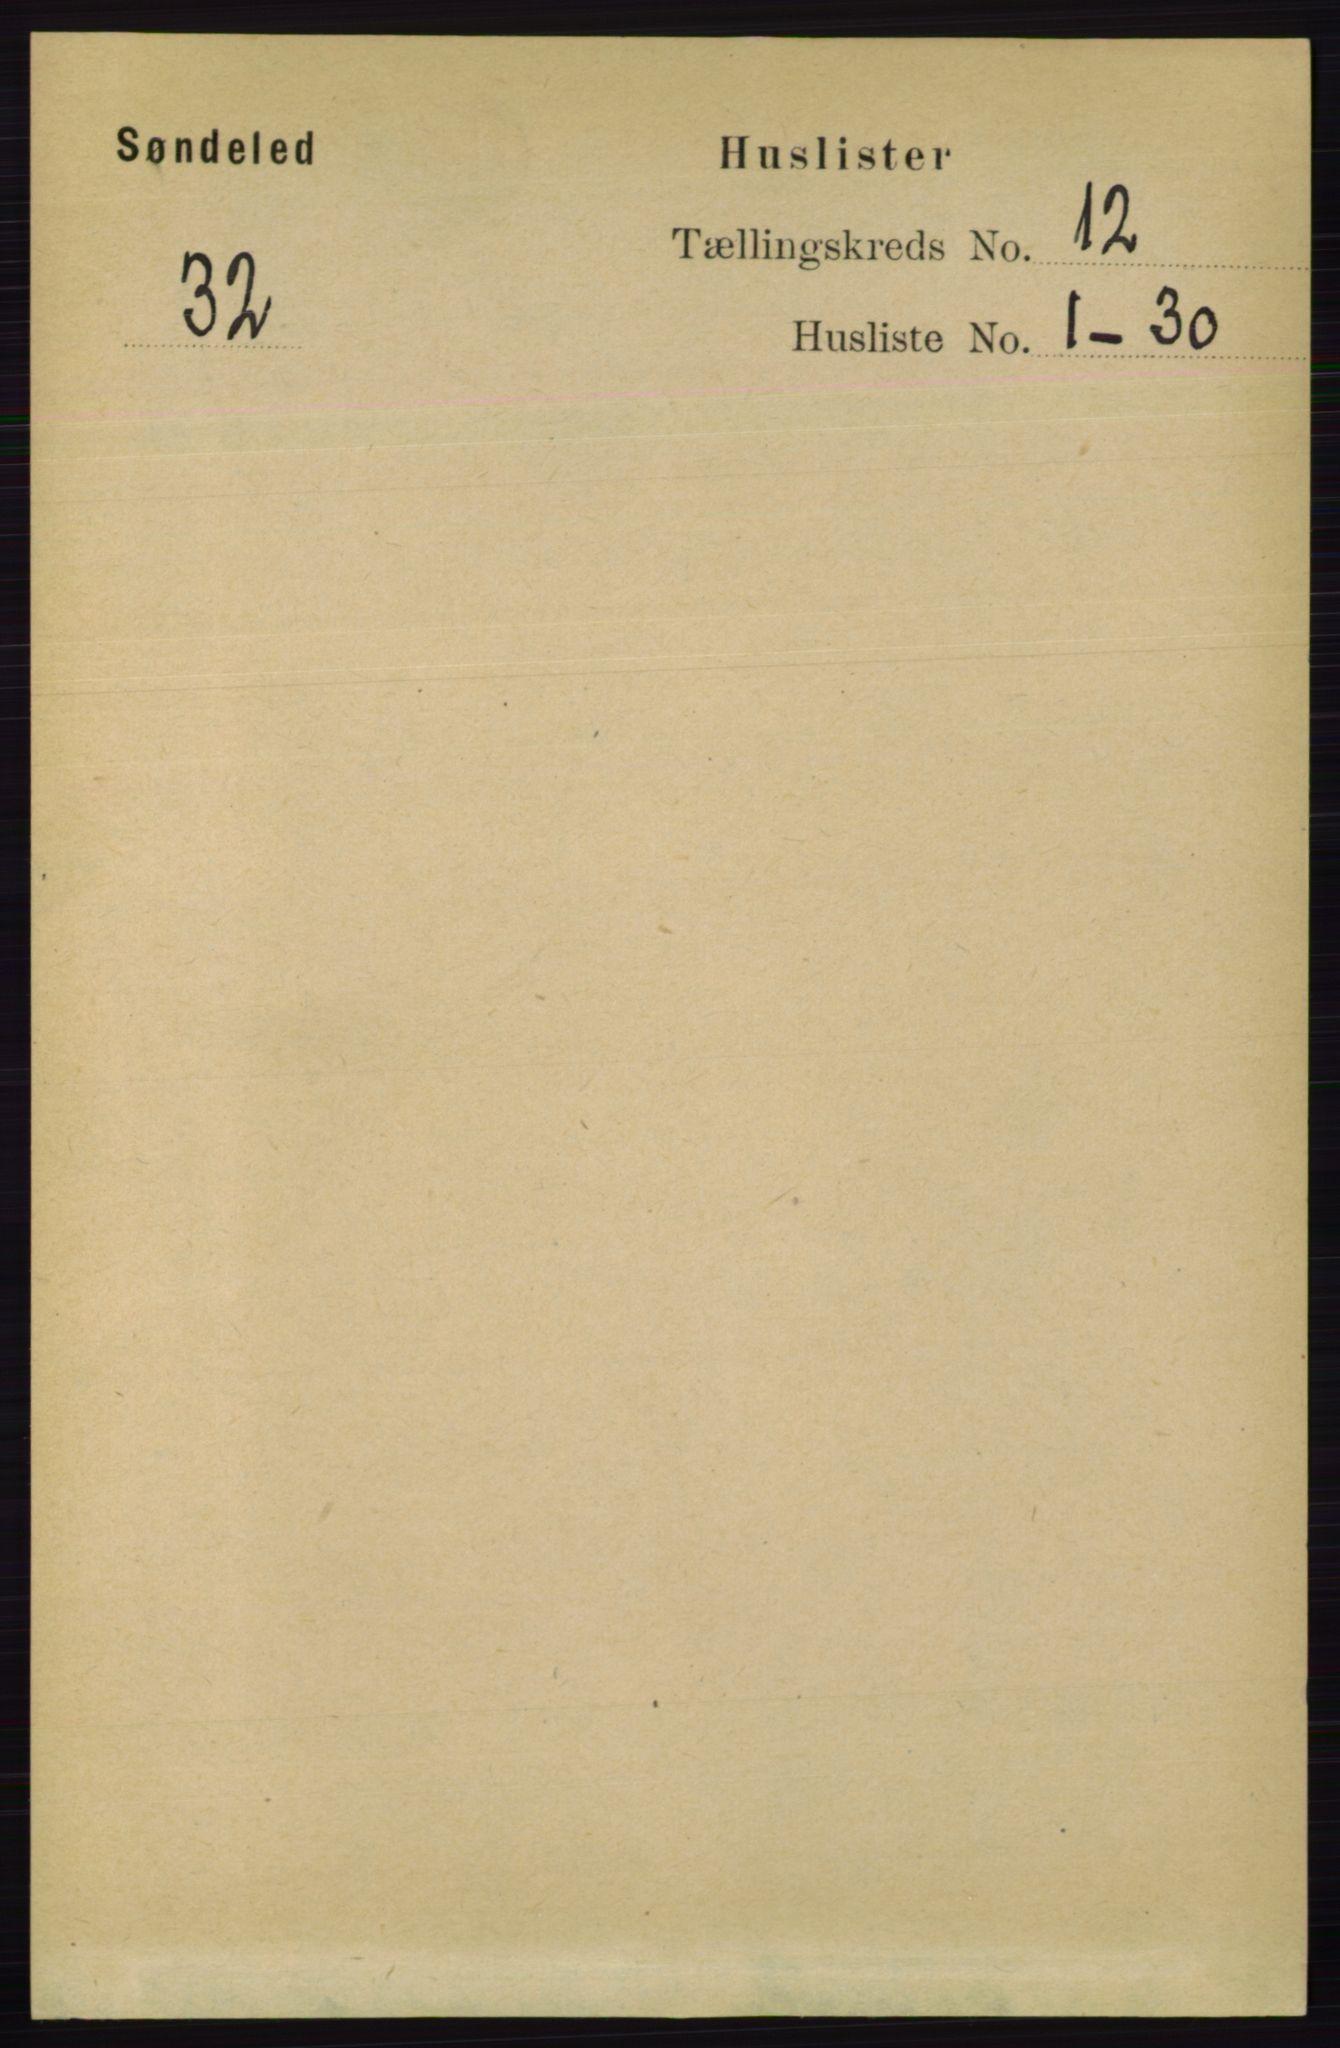 RA, Folketelling 1891 for 0913 Søndeled herred, 1891, s. 3641